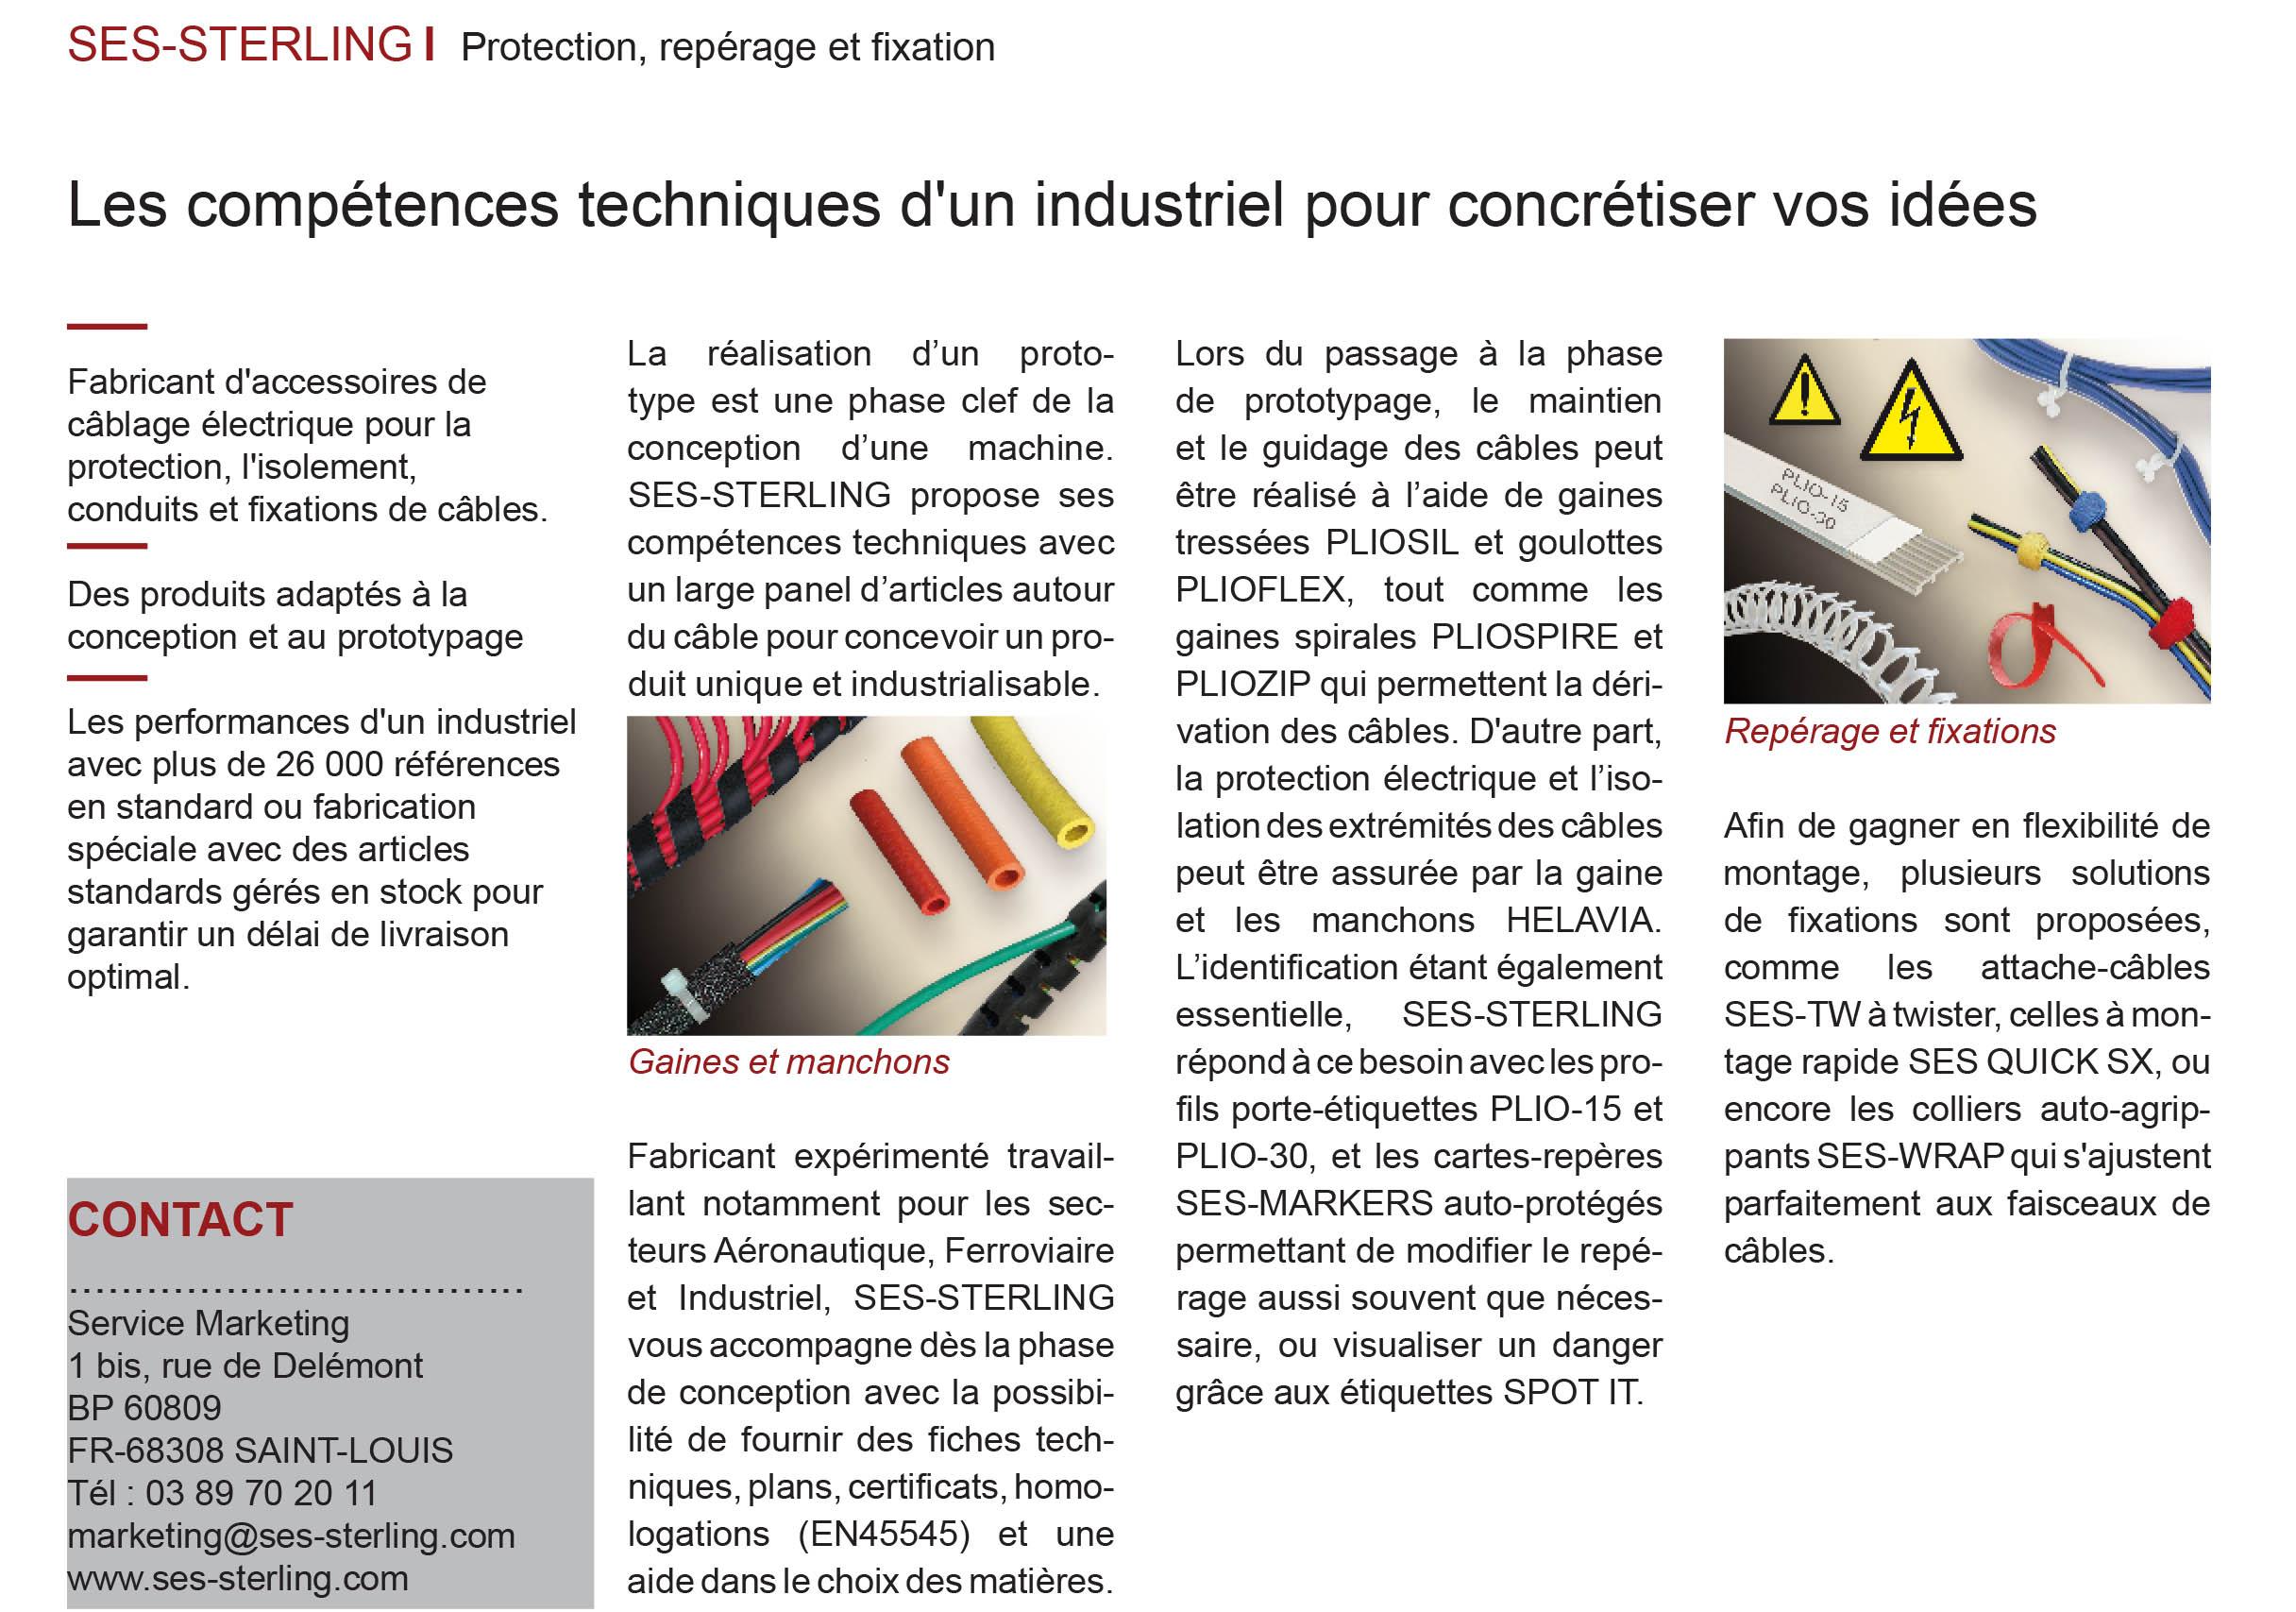 L'usine nouvelle Avril 2019 - Les compétences techniques d'un industriel